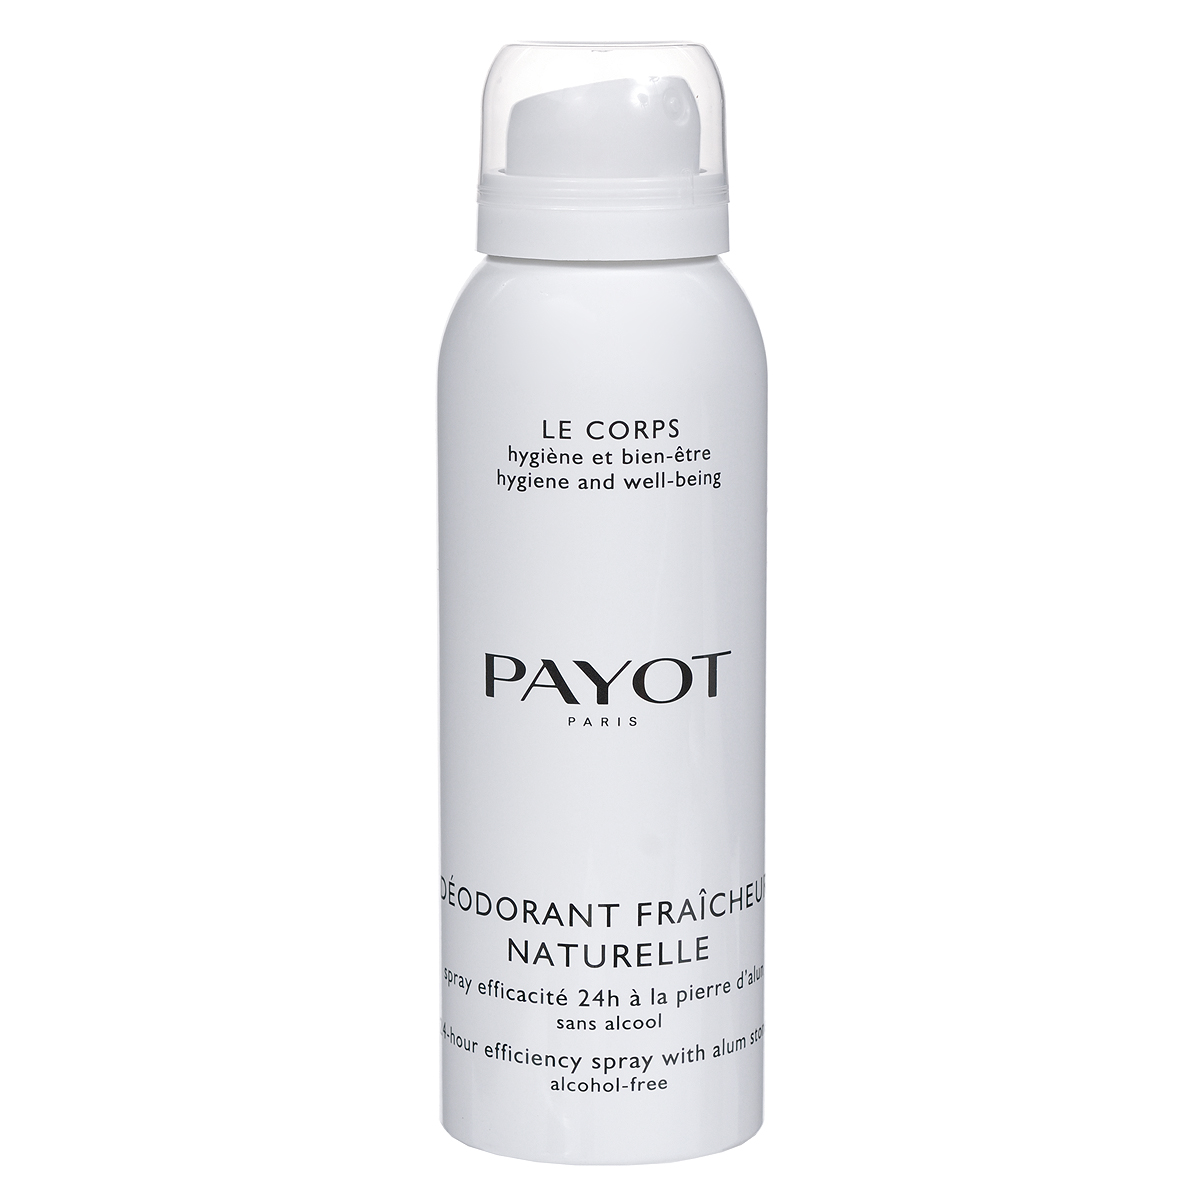 Payot Дезодорант-спрей Naturelle, женский, 125 млMP59.4DБезалкогольный дезодорант обеспечивает гигиену в течение дня, прекрасно смягчает и успокаивает кожу после эпиляции и бритья.Наносите дезодорант на чистую сухую кожу подмышек.